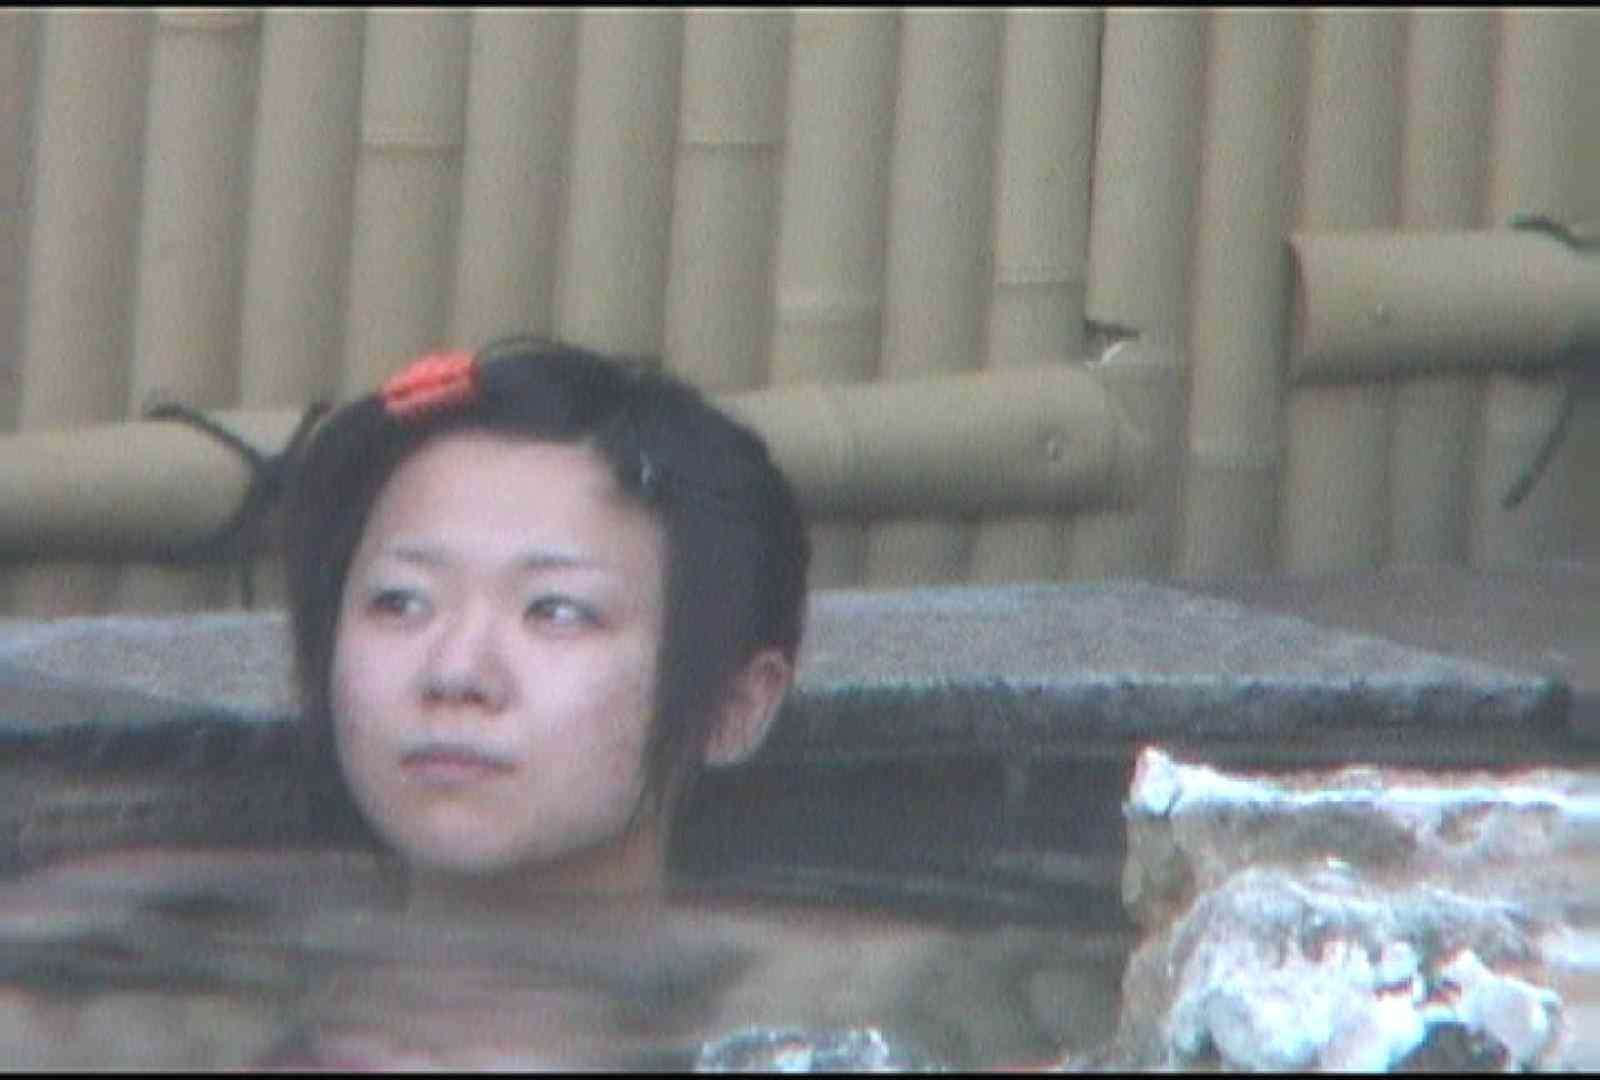 Aquaな露天風呂Vol.175 露天   盗撮  77画像 40